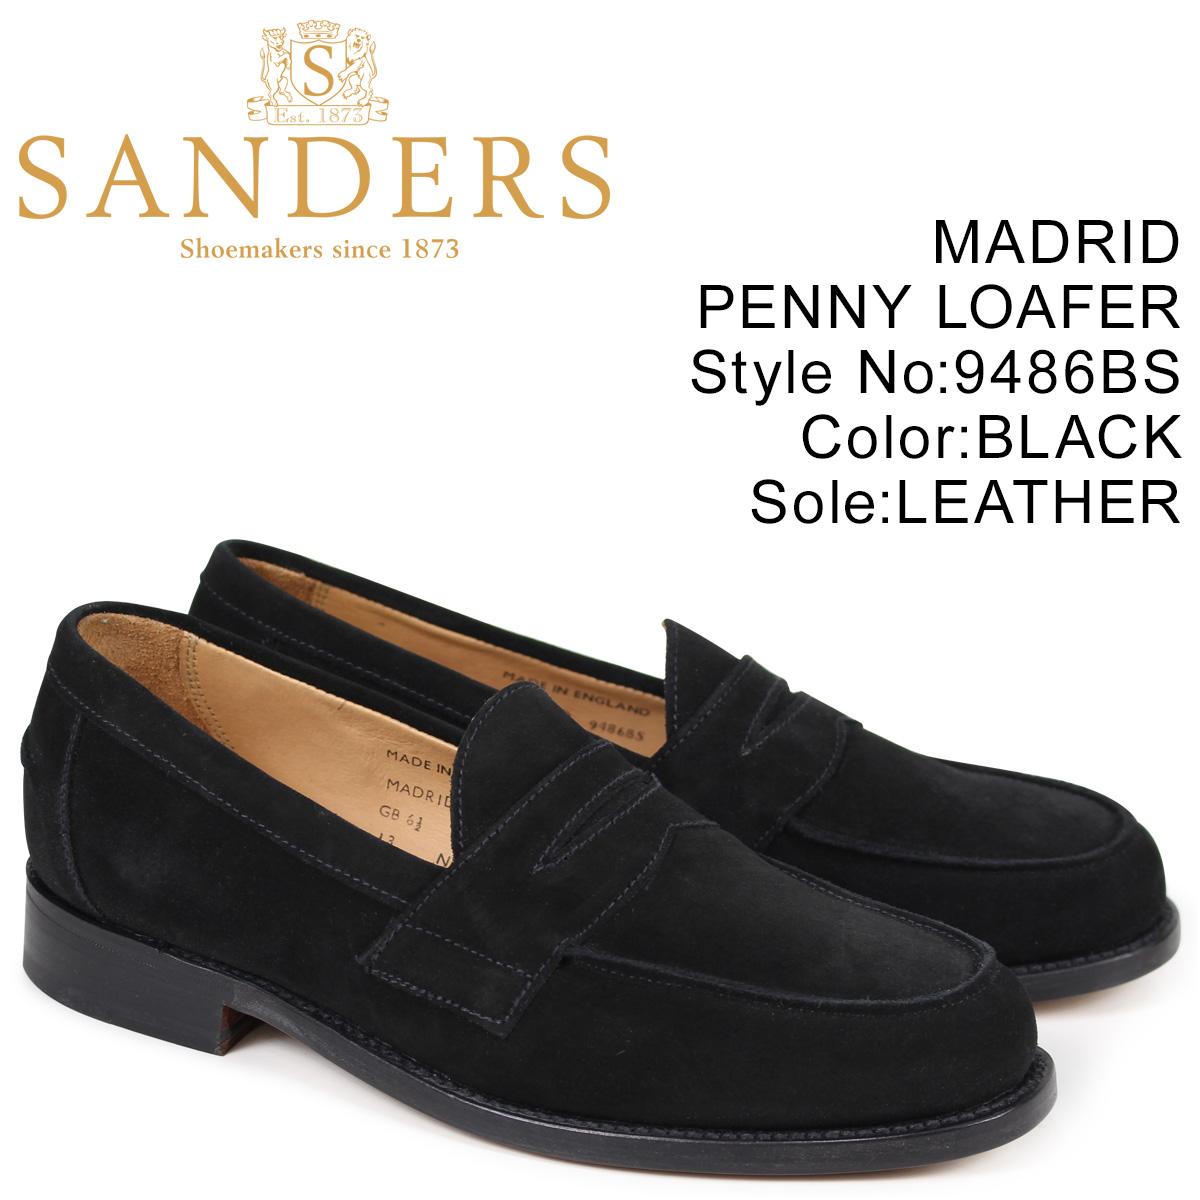 サンダース SANDERS ペニーローファー MADRID PENNY LOAFER メンズ スエード ブラック 9486BS